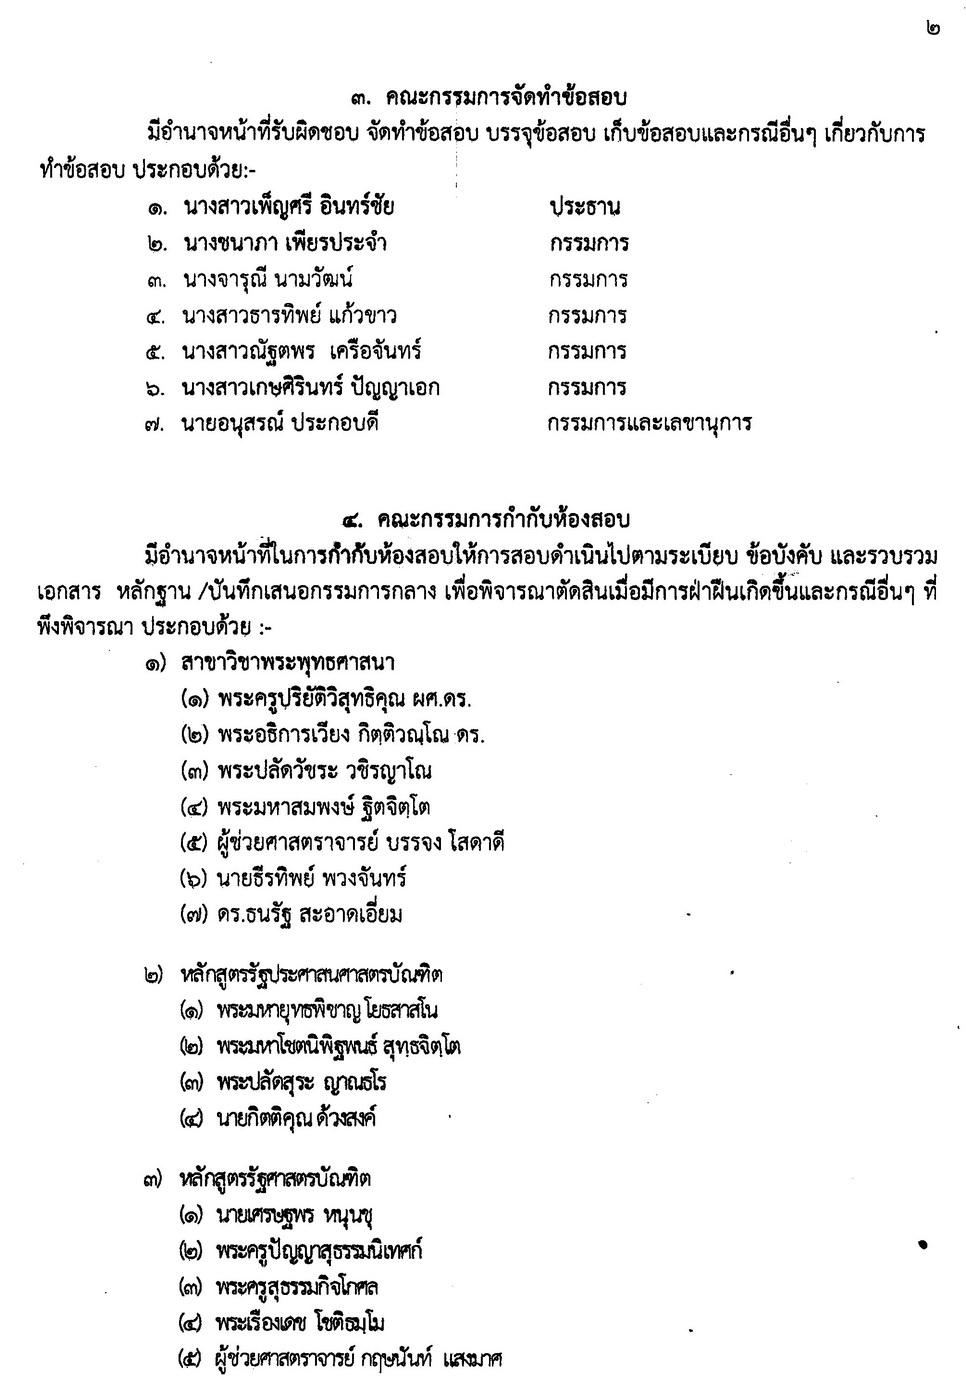 OrderExam261_02